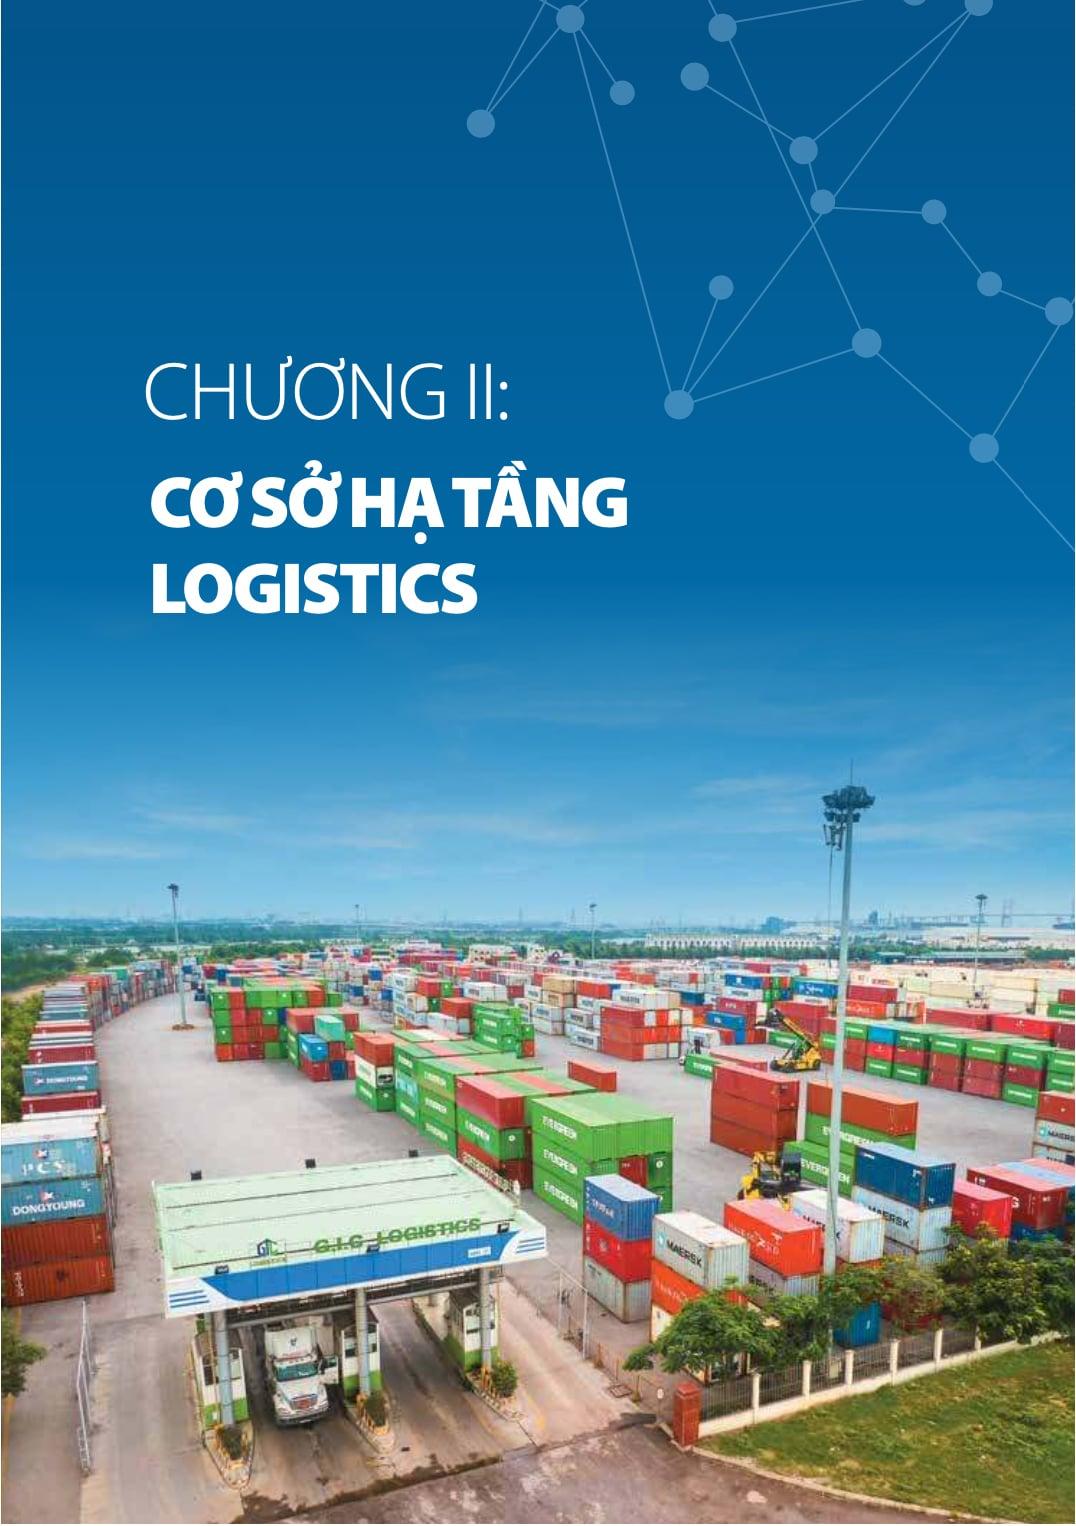 Chương 2 báo cáo logistics Việt Nam 2020: Cơ sở hạ tầng logistics